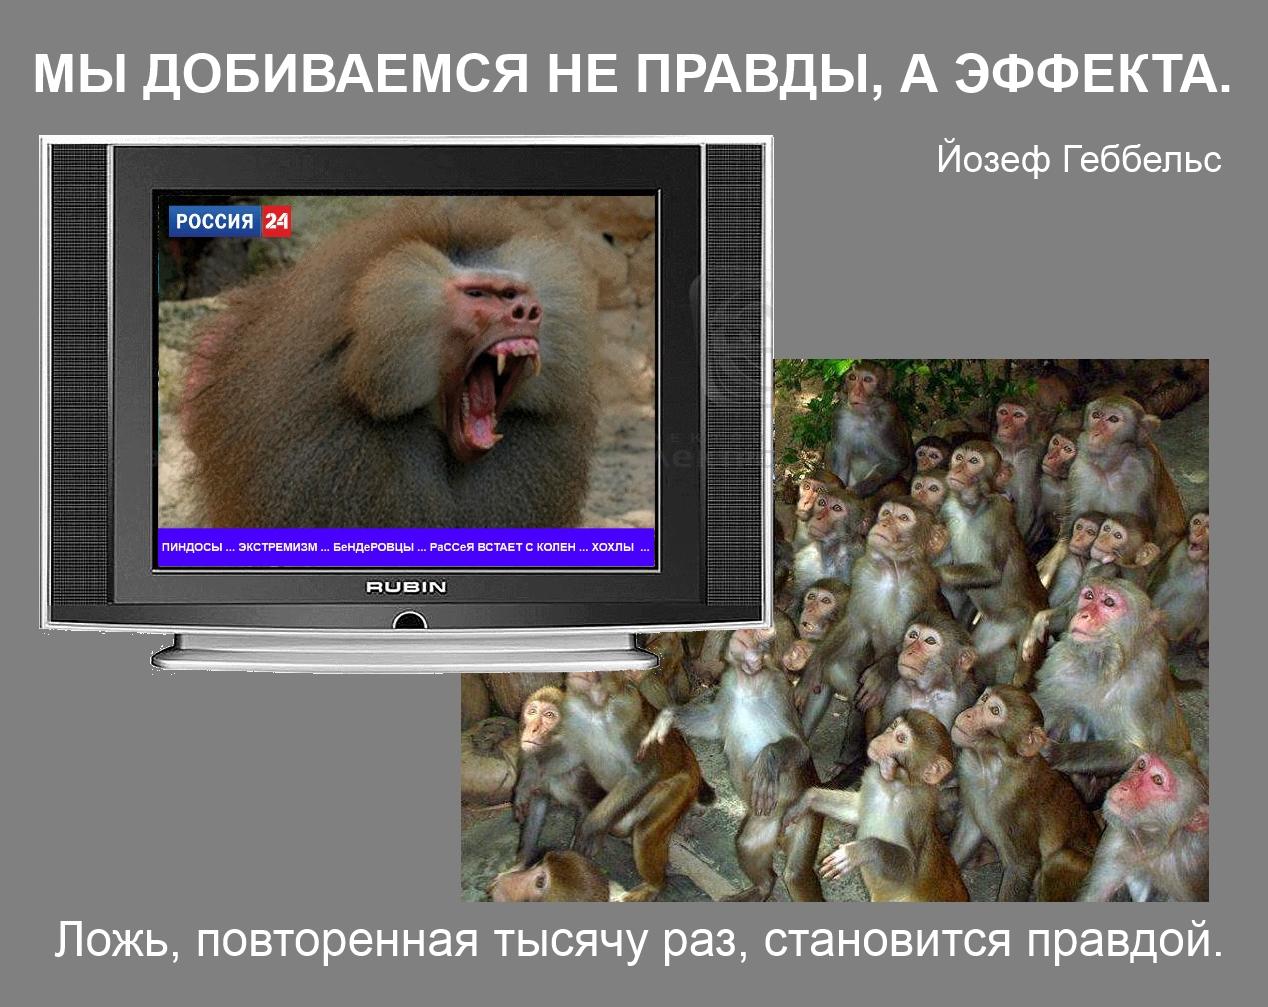 Россия нас трижды обманула, - крымскотатарская правозащитница Сейтмуратова - Цензор.НЕТ 3072